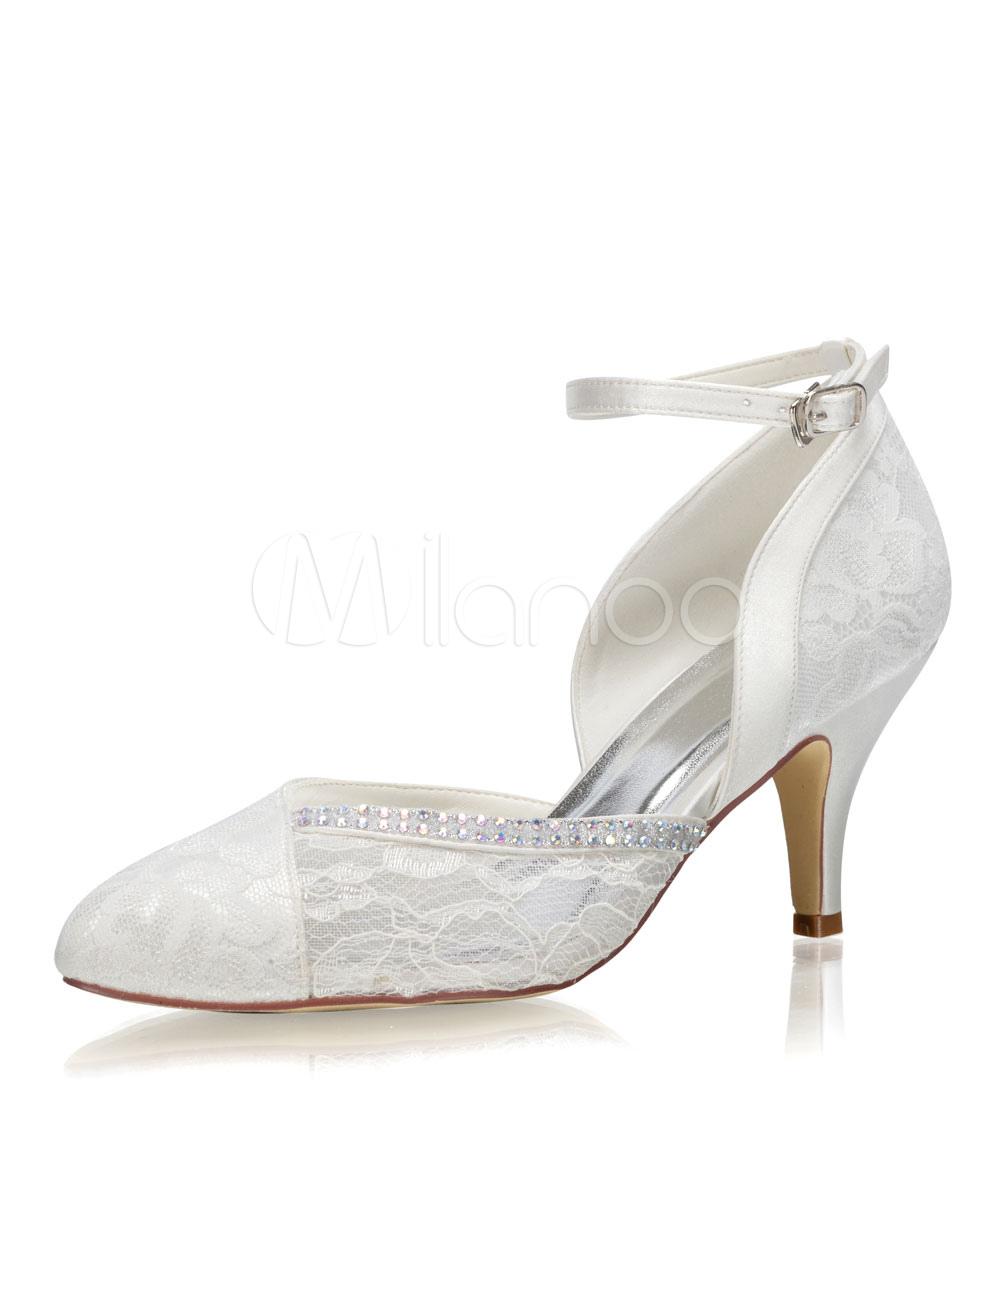 053ce6311c1941 Chaussures de Mariage & Chaussures de mariée - Magasinez les Derniers  styles | Milanoo.com